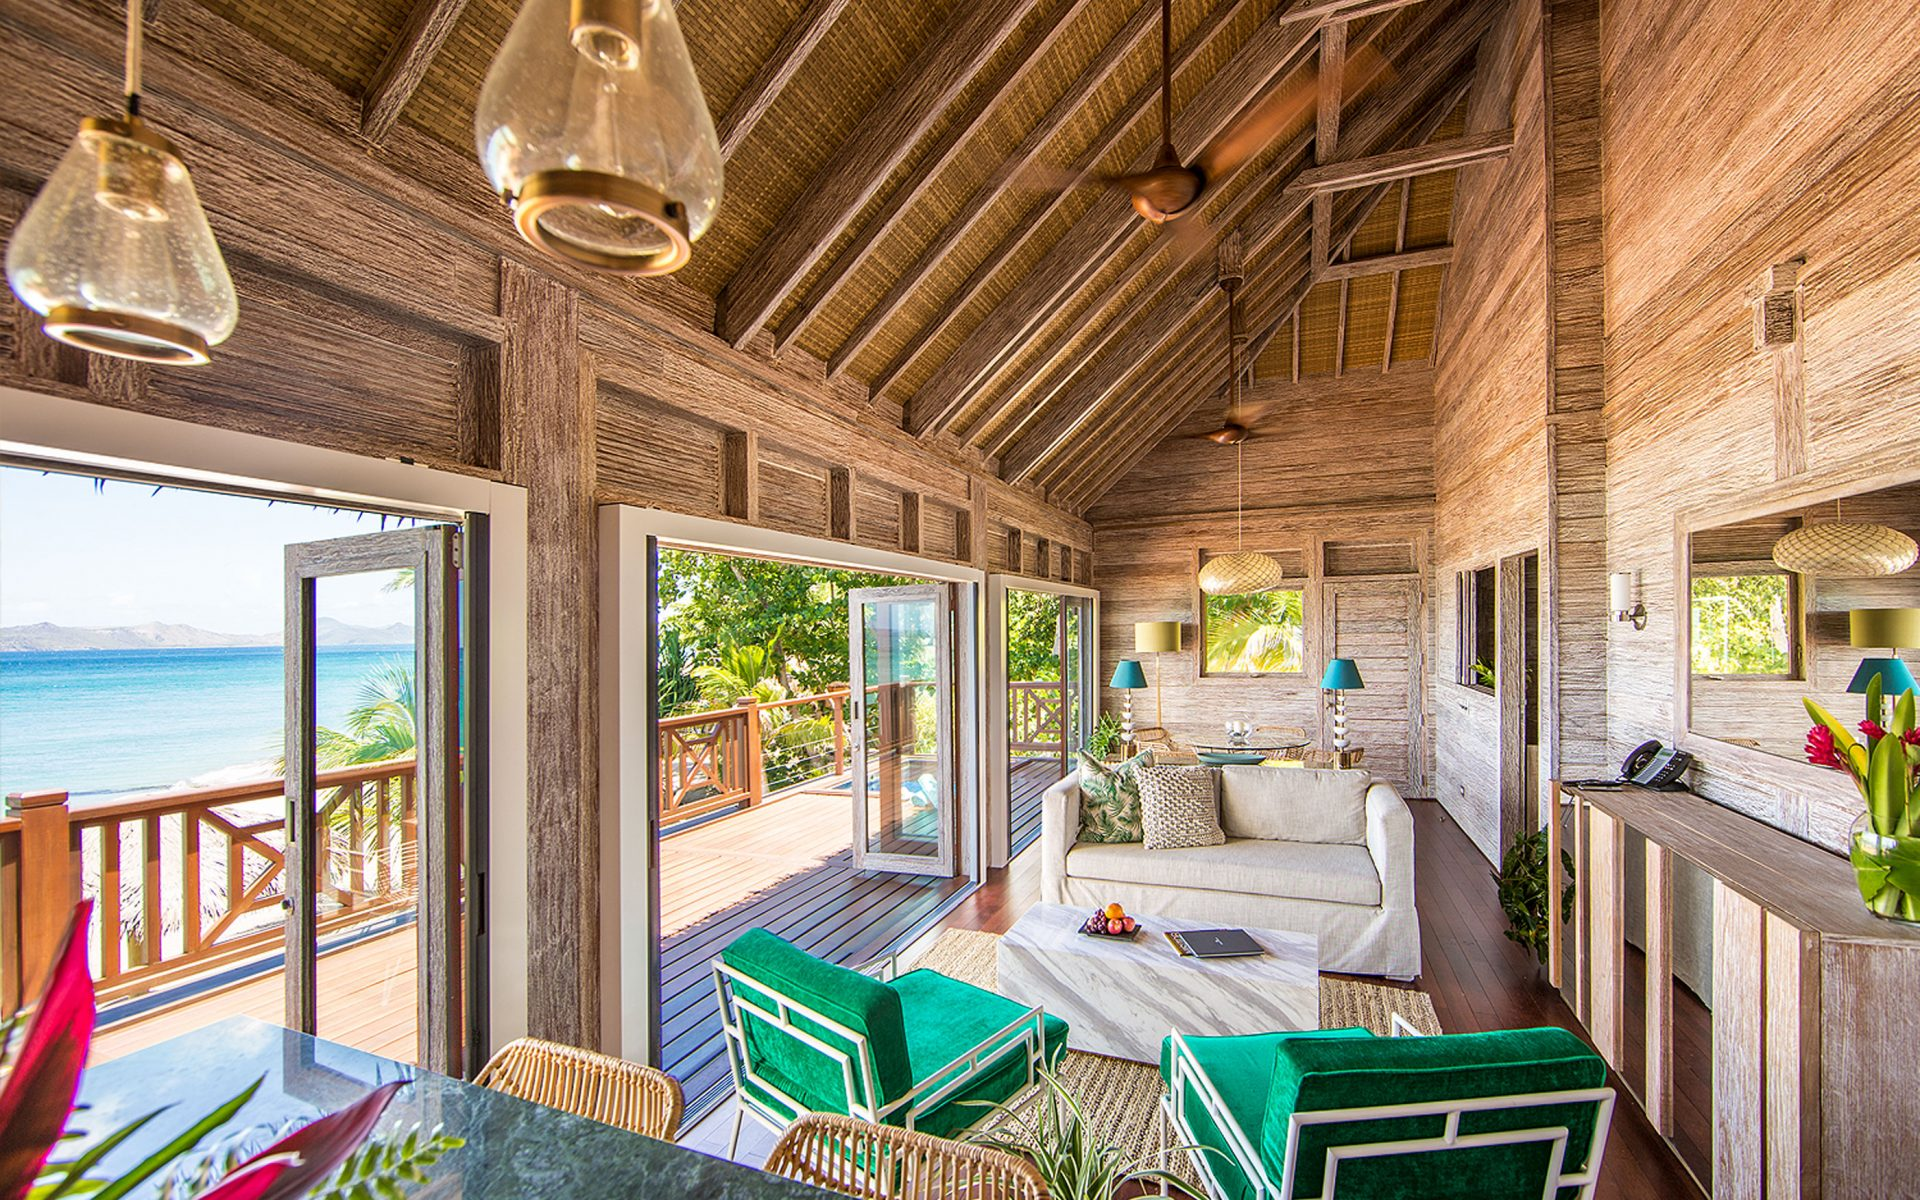 Paradise-Beach-Nevis_Beach-House_03c-2-1920x1200